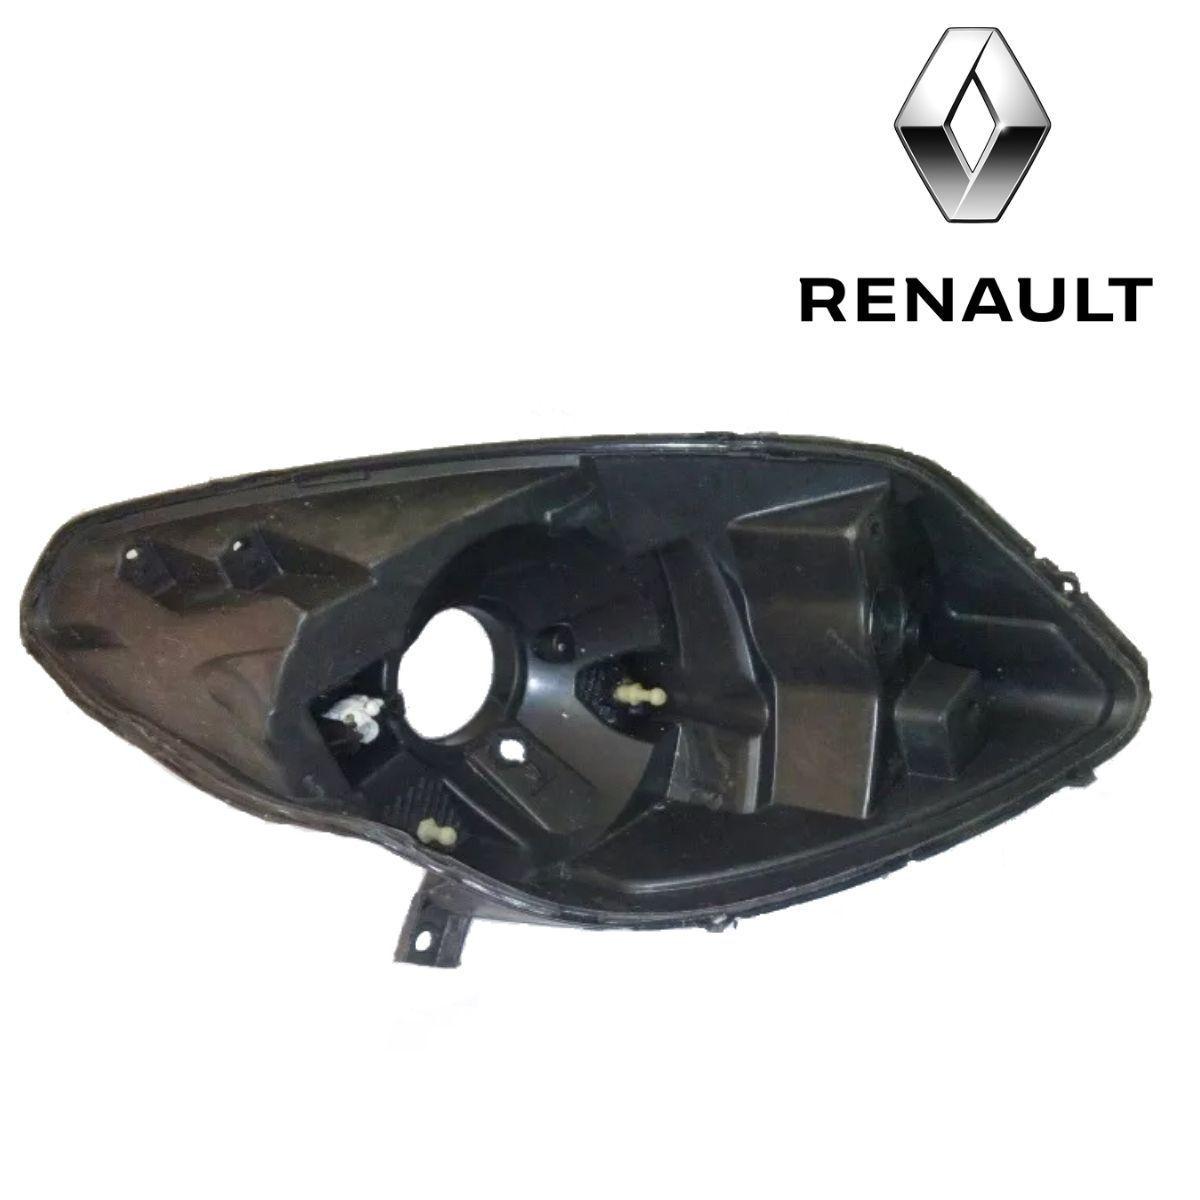 Par De Carcaça De Farol Dianteiro Renault Sandero 2008 A 2011 Original Valeo USADA - DIREITO E ESQUERDO